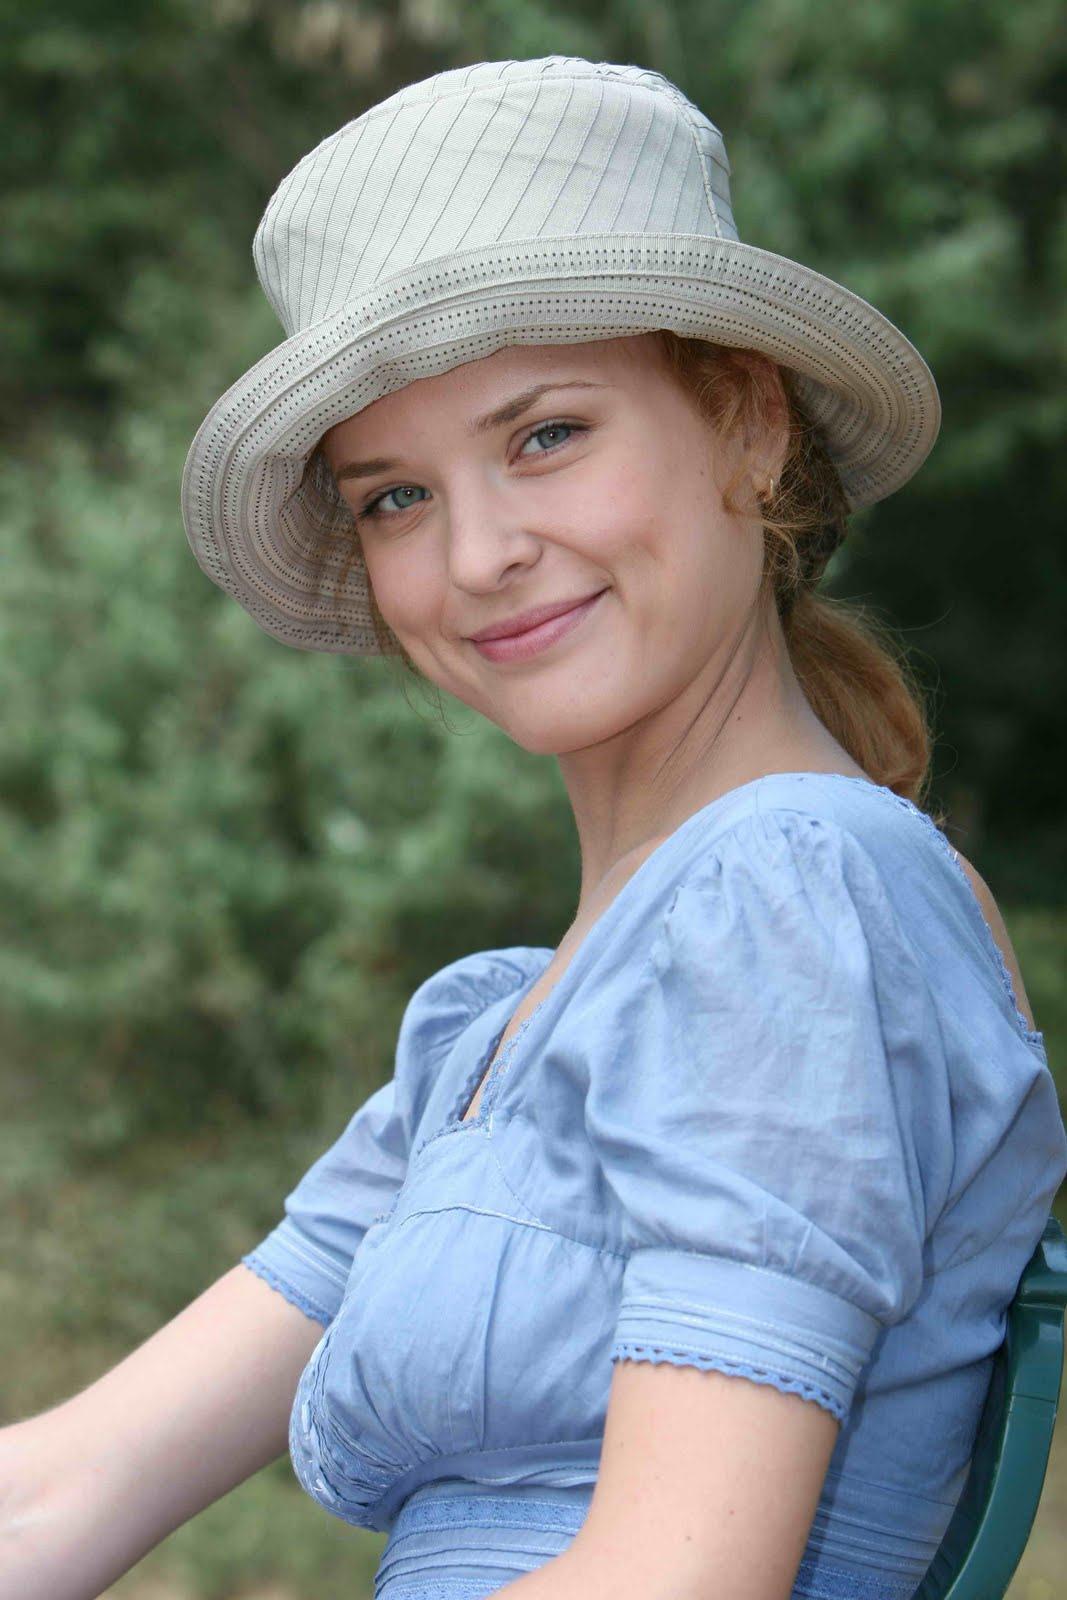 Сегодня свой день рождения отмечает Здор Анна Юрьевна.